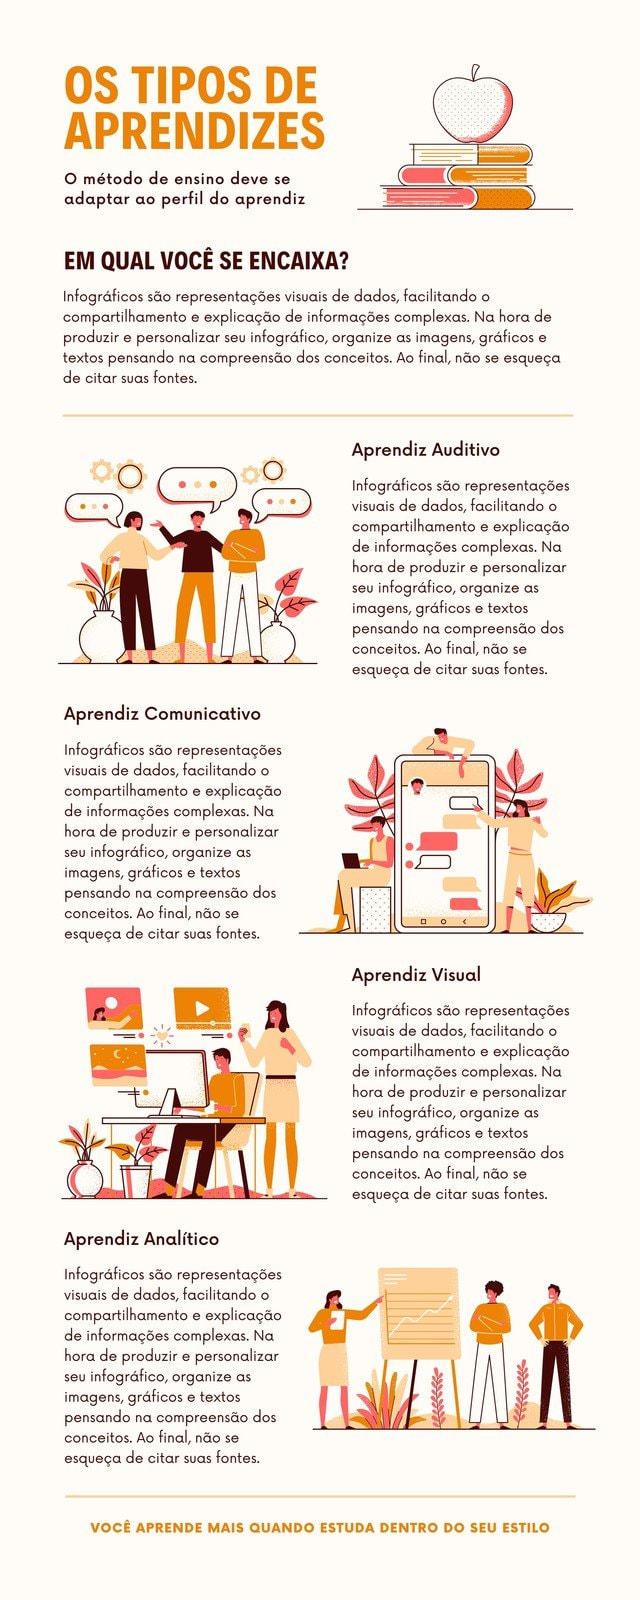 Infográfico Laranja e Rosa sobre Tipos de Aprendizes